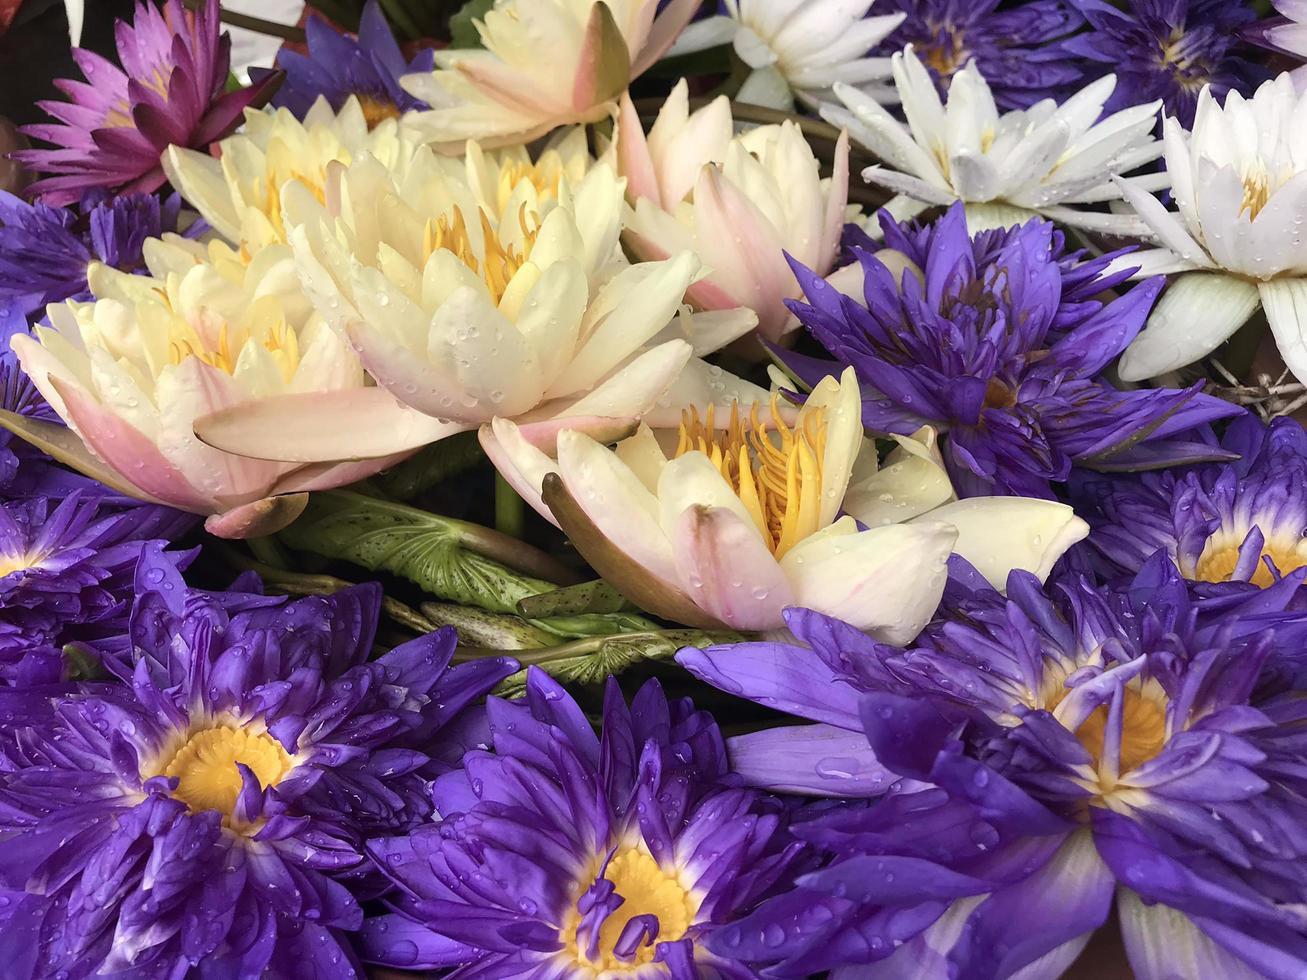 fiori di loto viola e bianchi foto